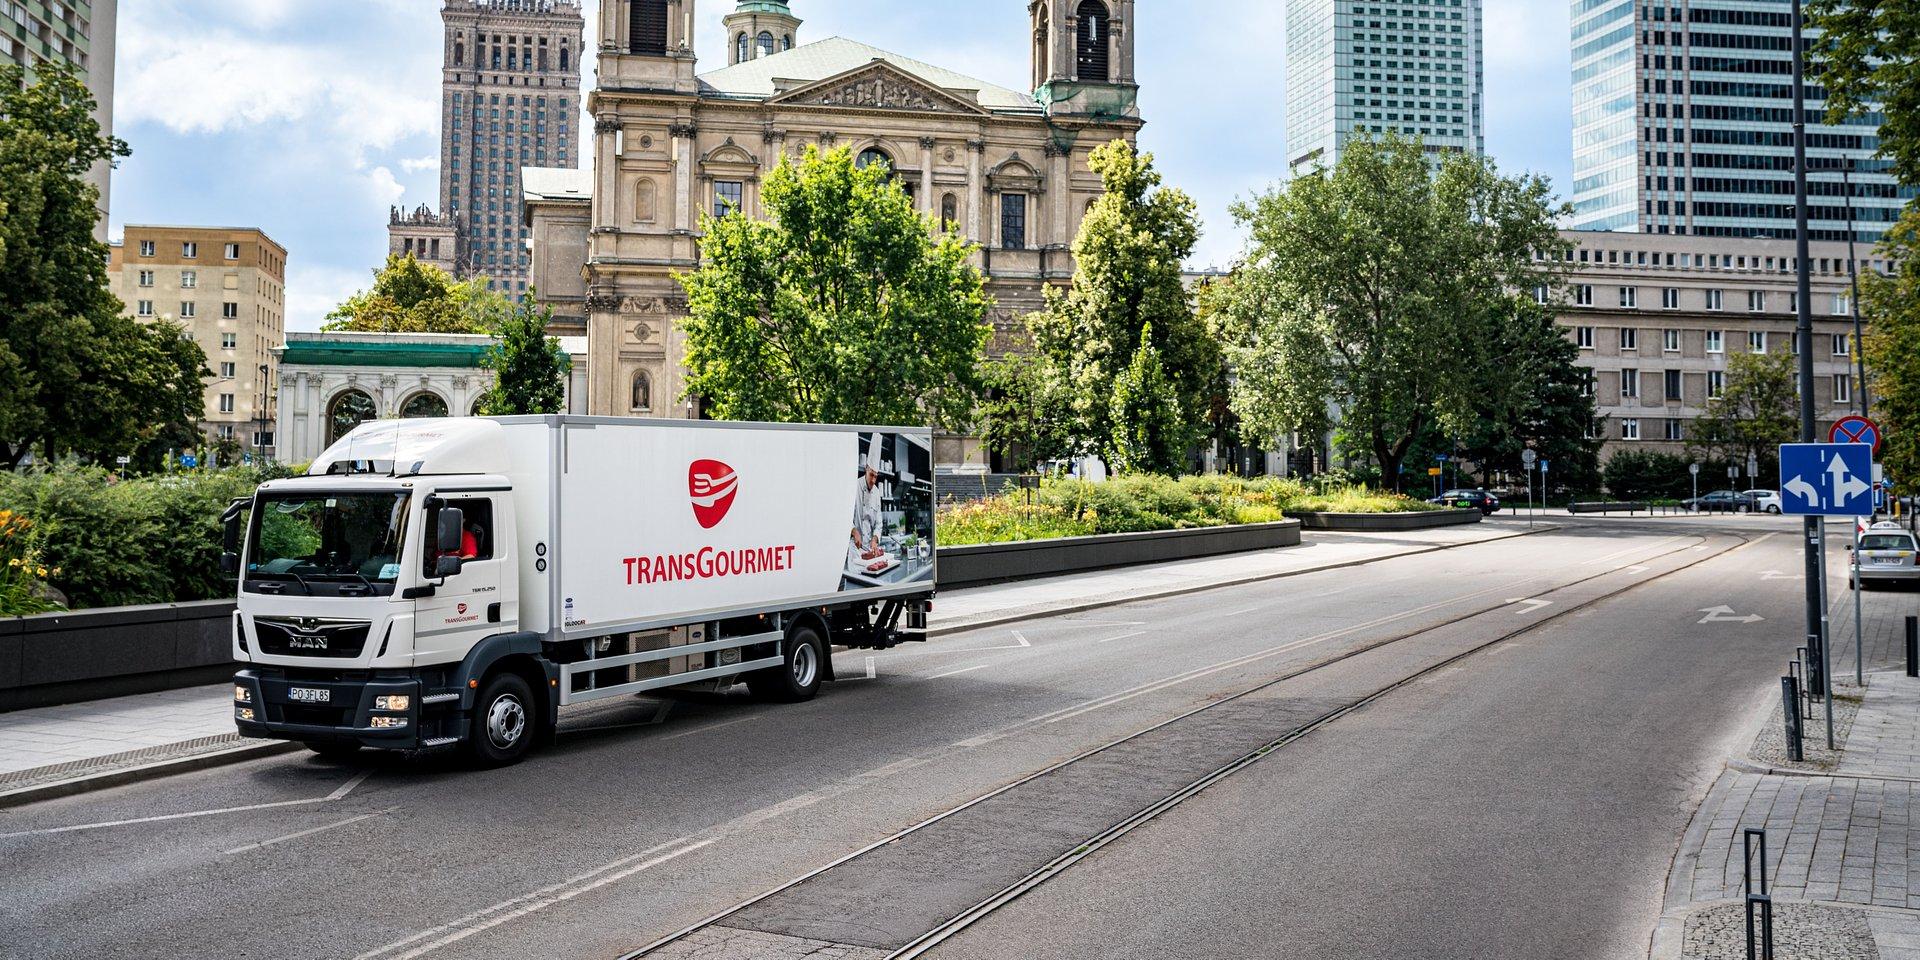 Transgourmet i Selgros Cash & Carry ponownie wyróżnione Złotymi Laurami Klienta oraz Gwiazdą Jakości Obsługi